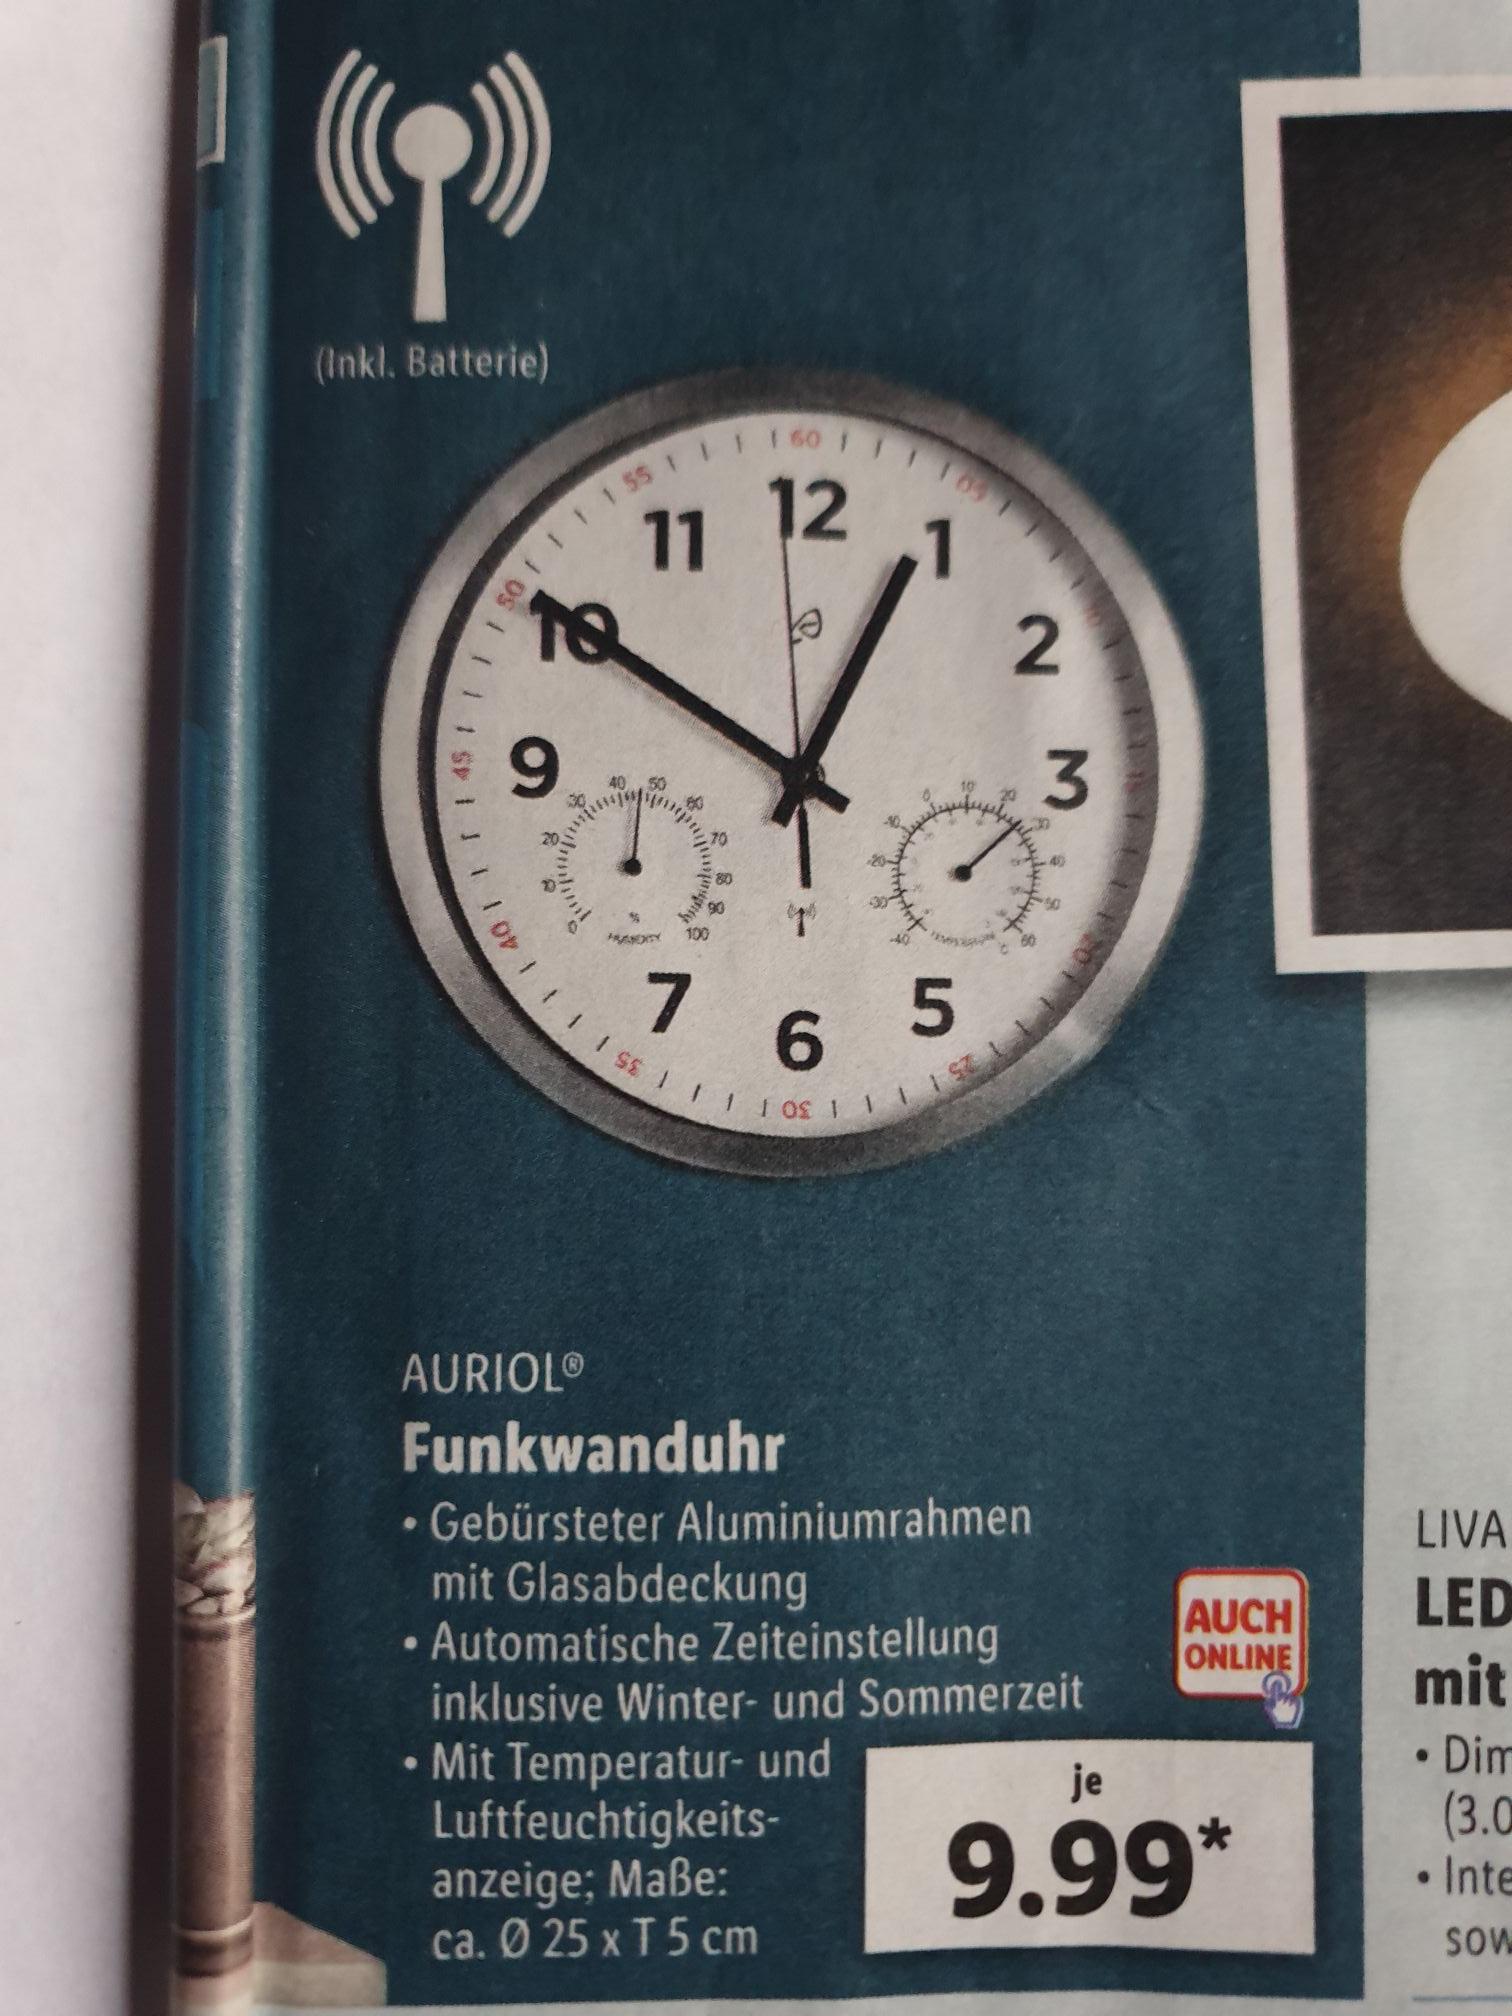 (Lidl) Funkwanduhr mit Temperatur/Luftfeuchtigkeitsanzeige / automatische Zeiteinstellung, inkl. Batterie, 25cm Alu für 9,99€ auch online